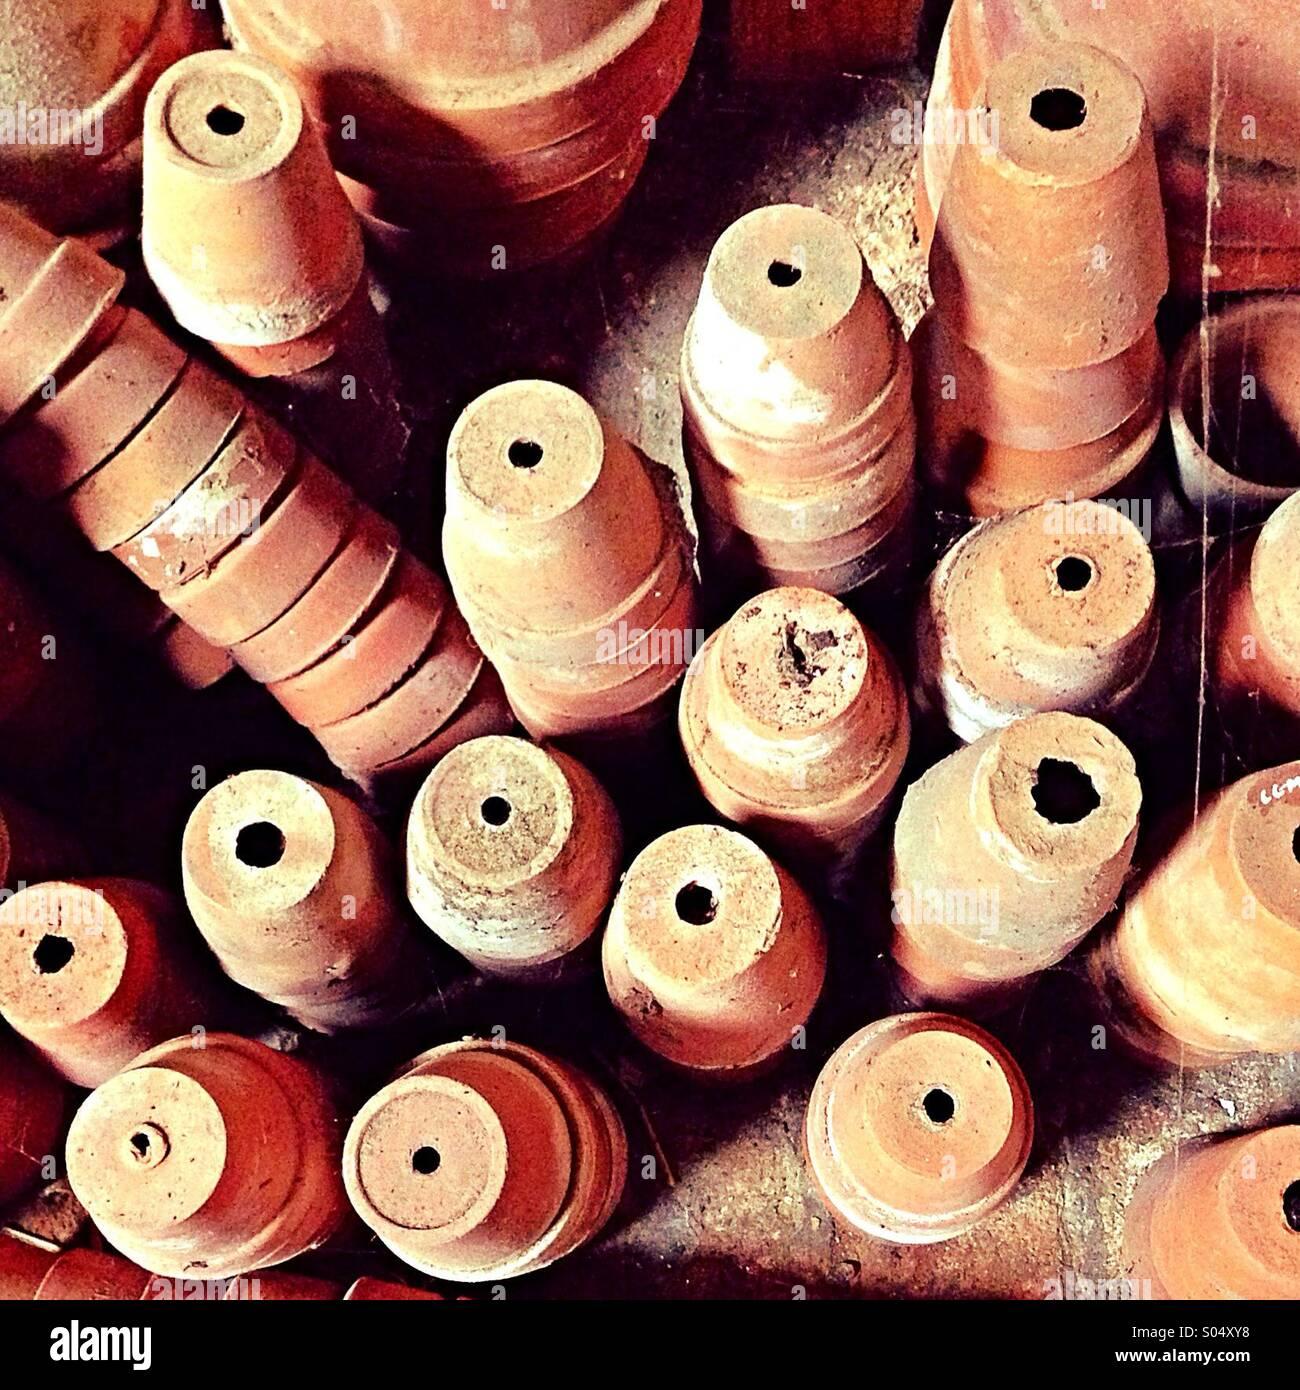 Maceteros Imagen De Stock